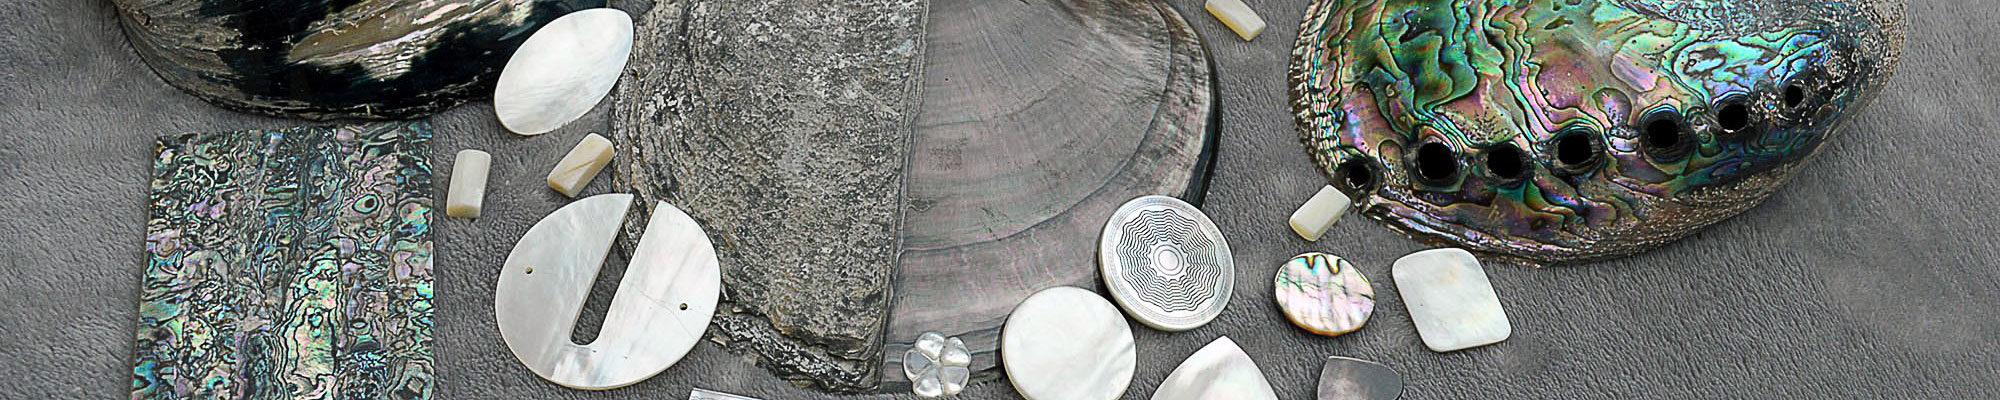 Nos matières premières naturelles (corne, nacre, écaille, dent os…) ou alternatives (résines imitation ivoire, lazuli, corail, ambre…)